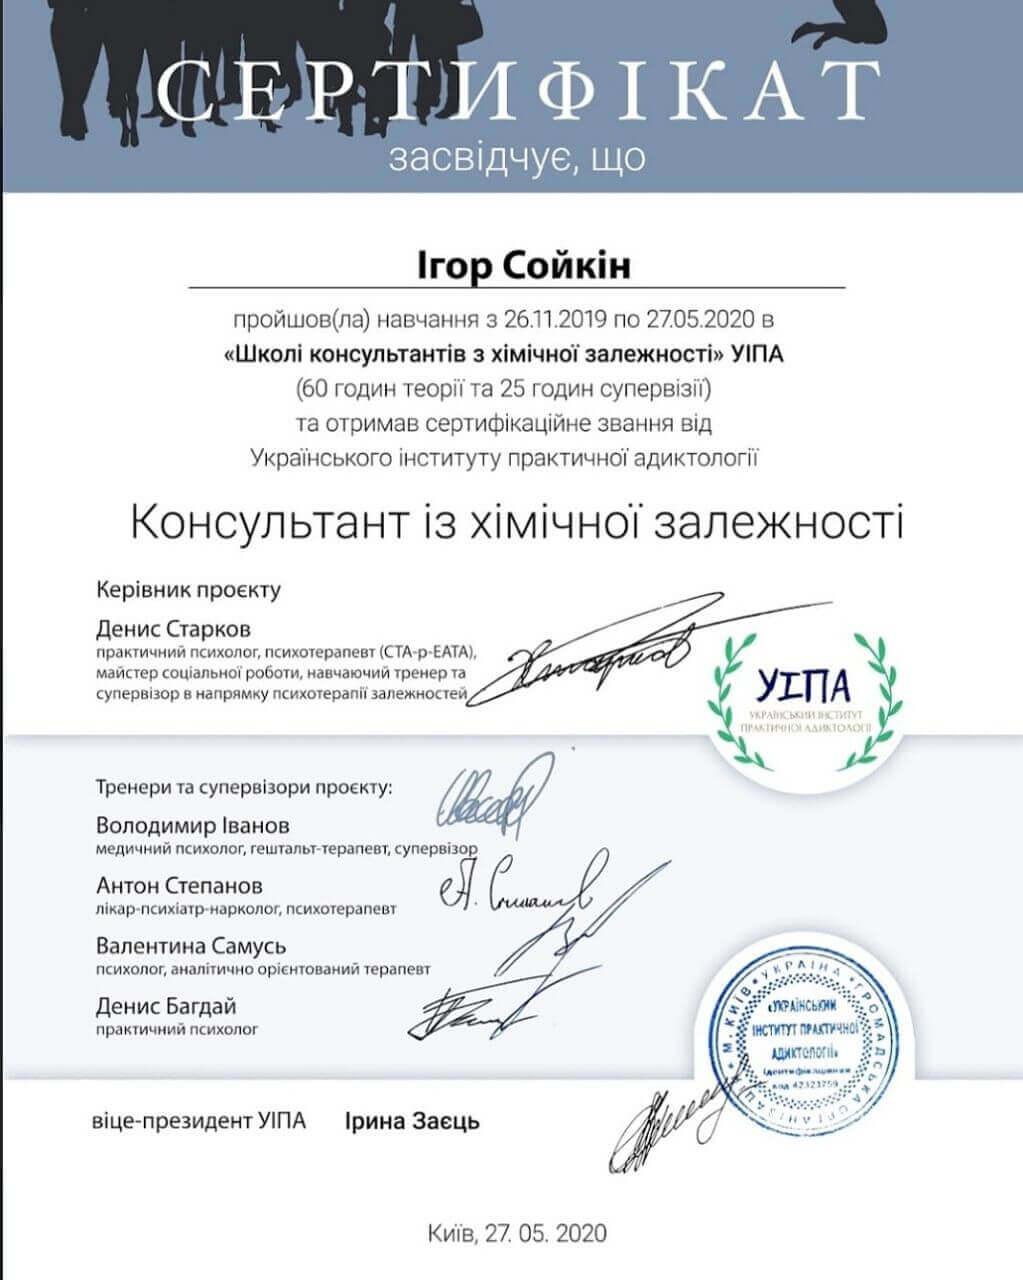 консультан по химической зависимости сертификат